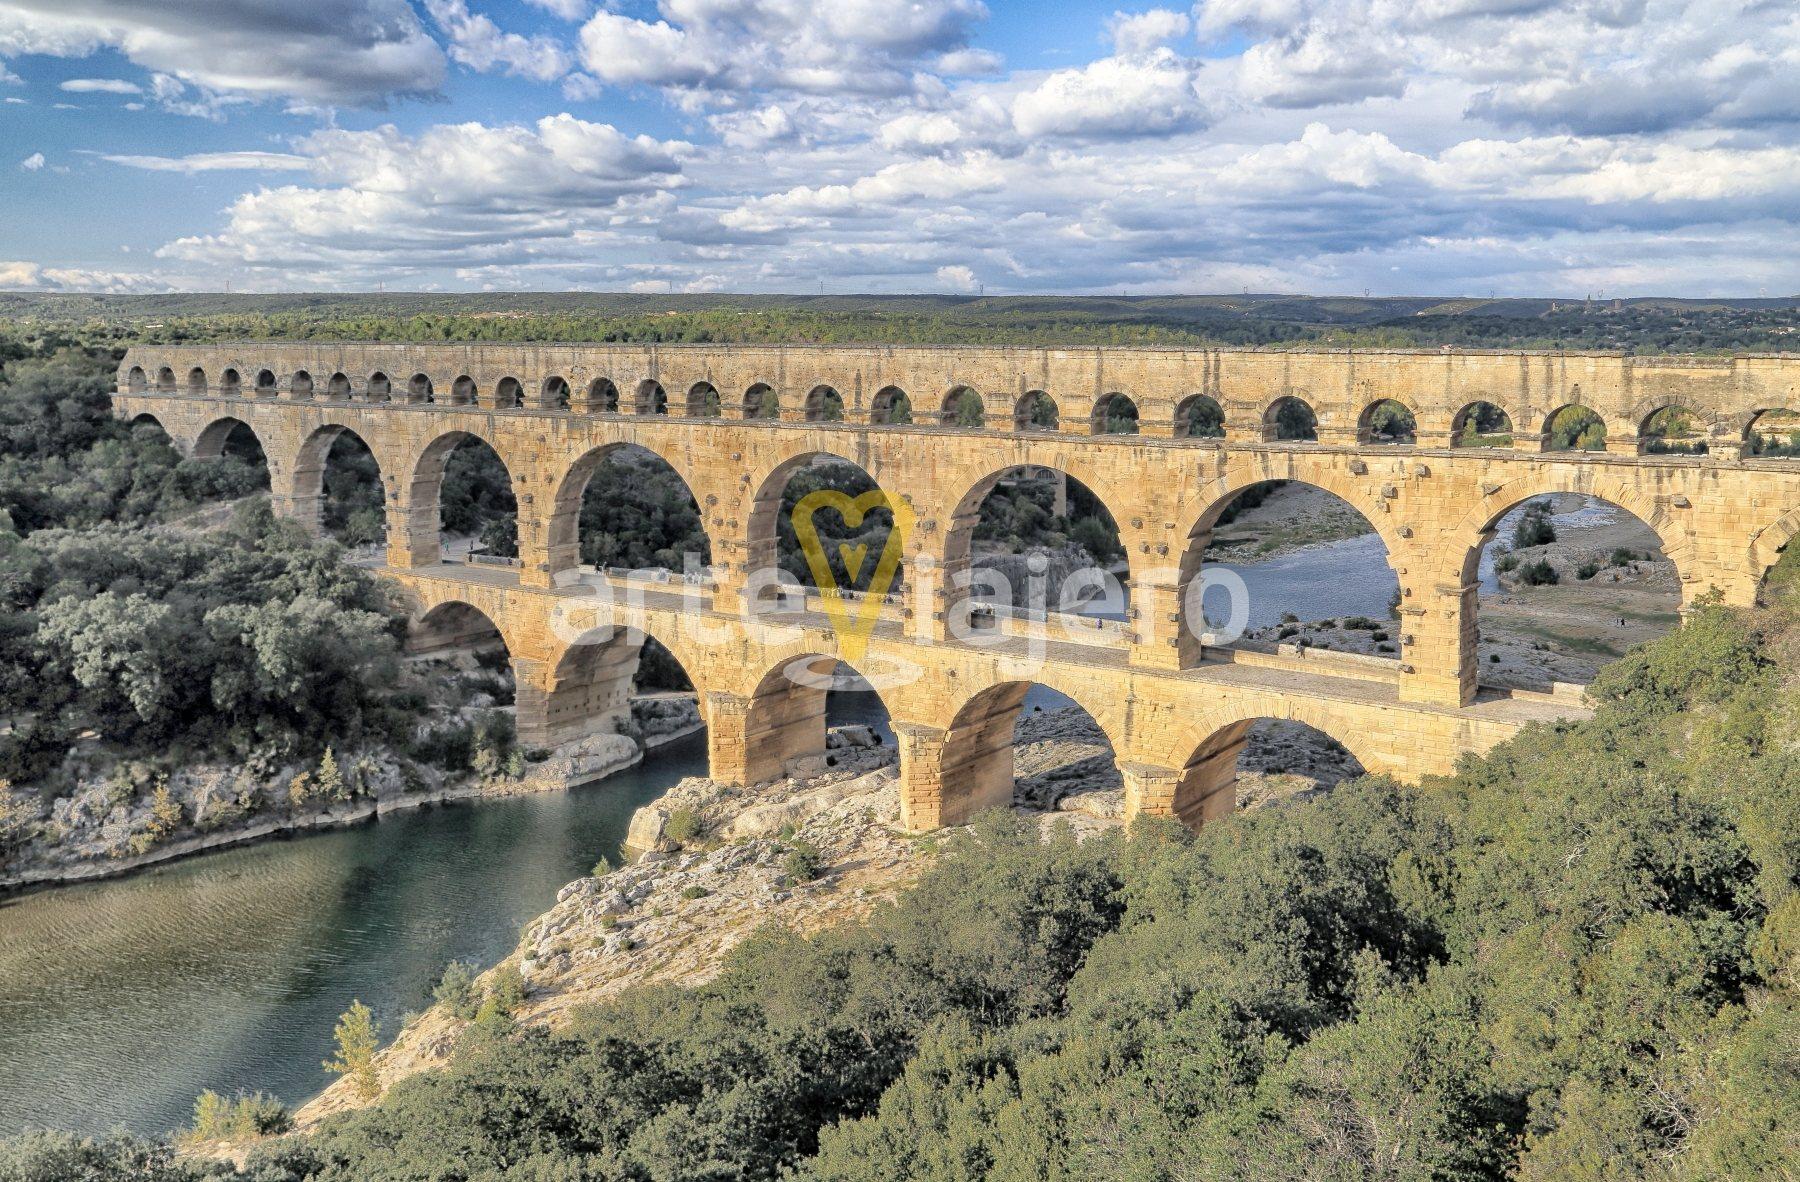 pont du gard, acueducto romano de nîmes, pont du gard occitaine